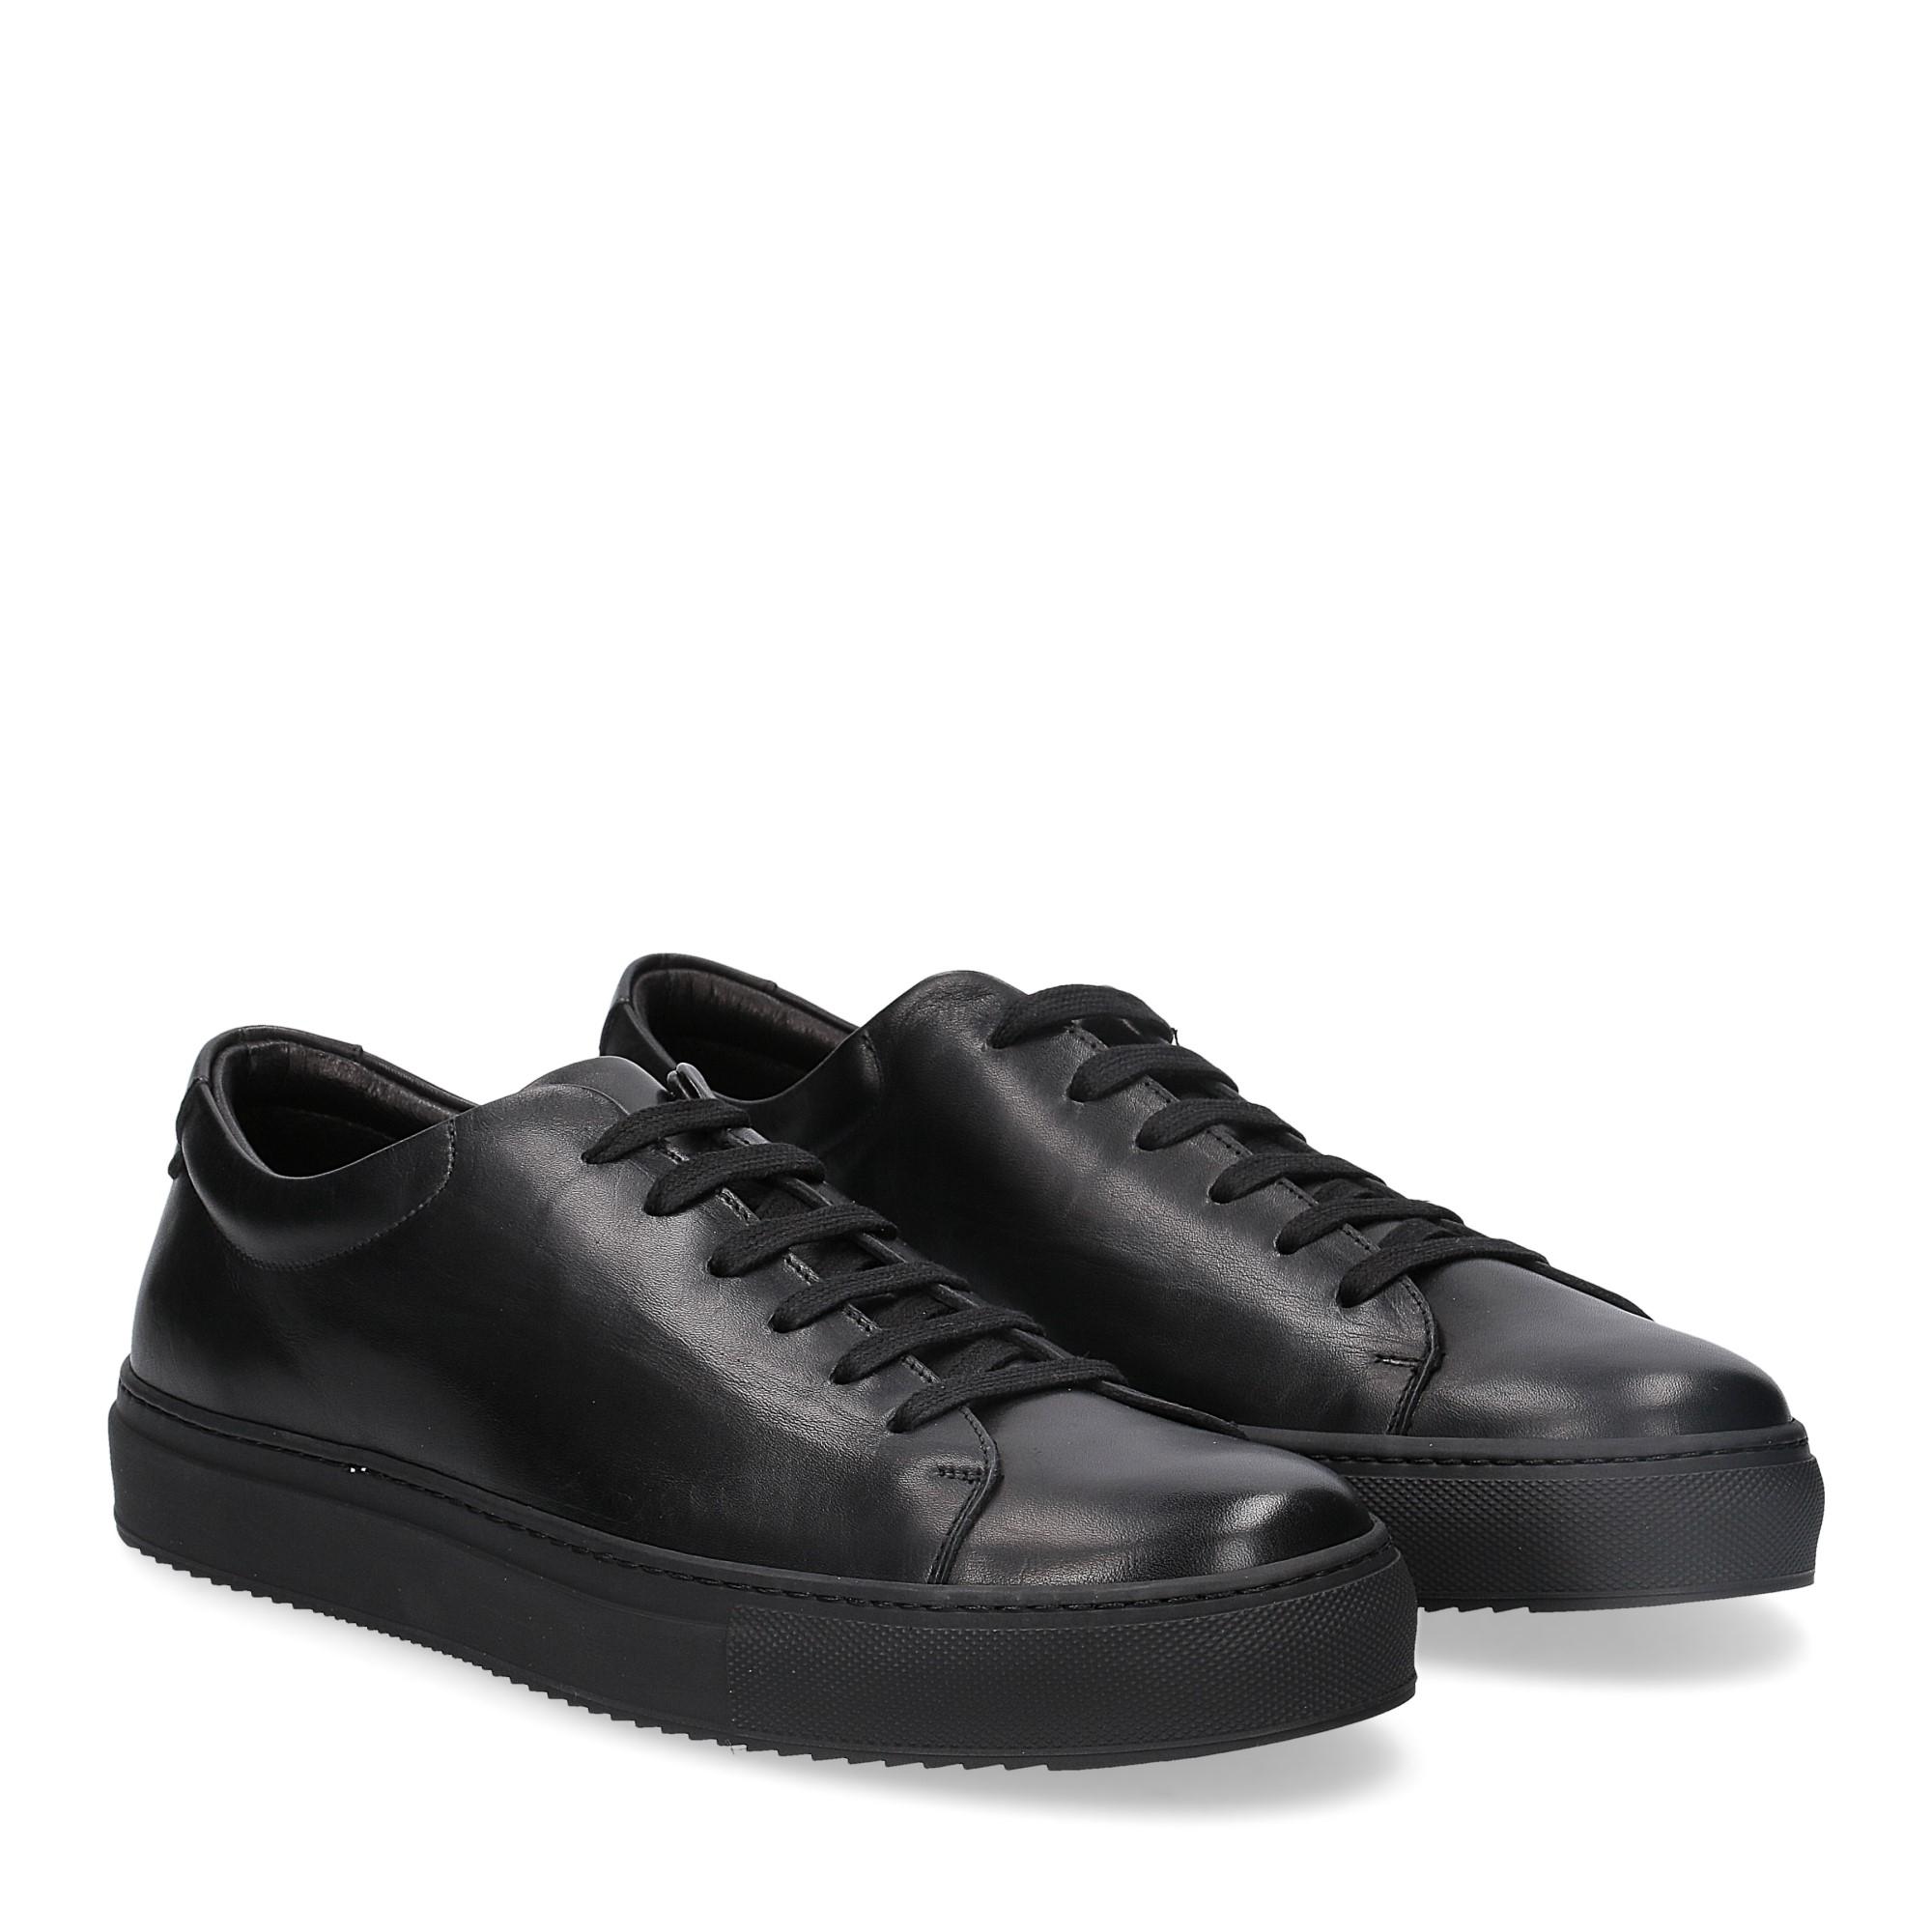 Griffi's sneaker 732 pelle nera